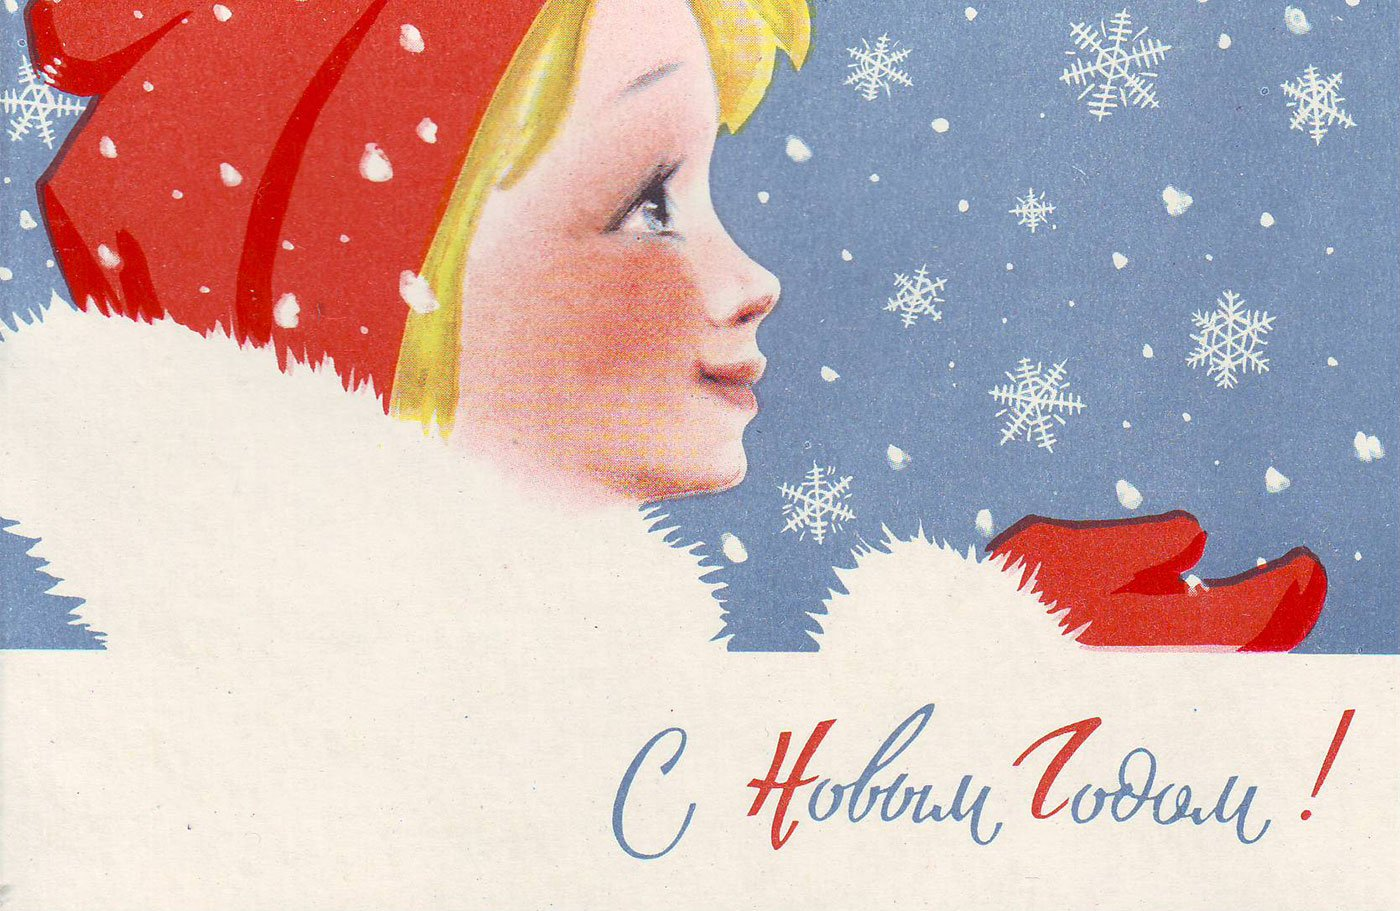 Праздником, снегурочки на советских открытках